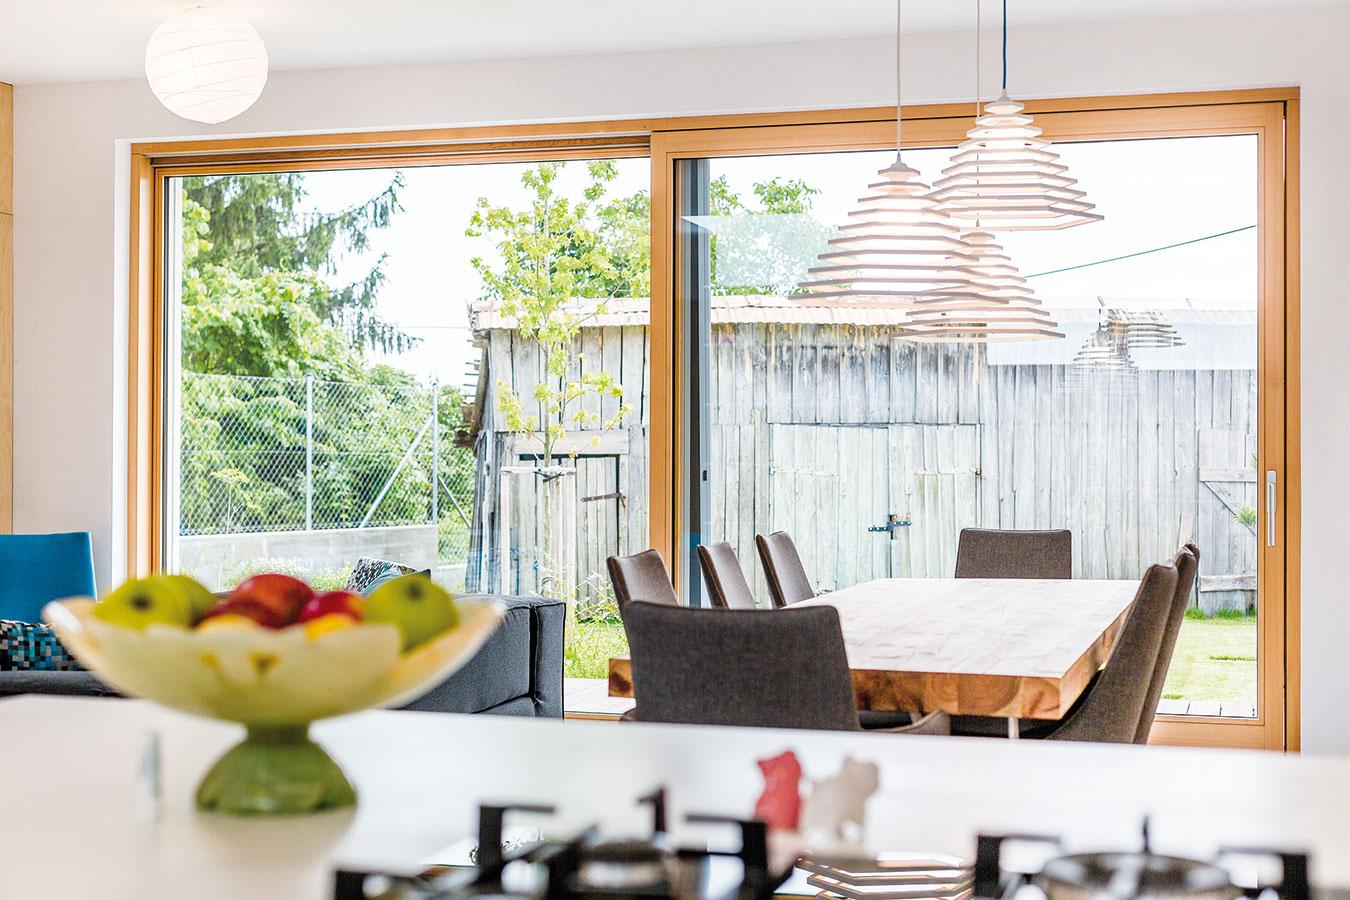 So starou stodolou, ktorá je neprehliadnuteľnou dominantou záhrady, majú majitelia ďalšie plány – chcú ju premeniť na hosťovský domček.